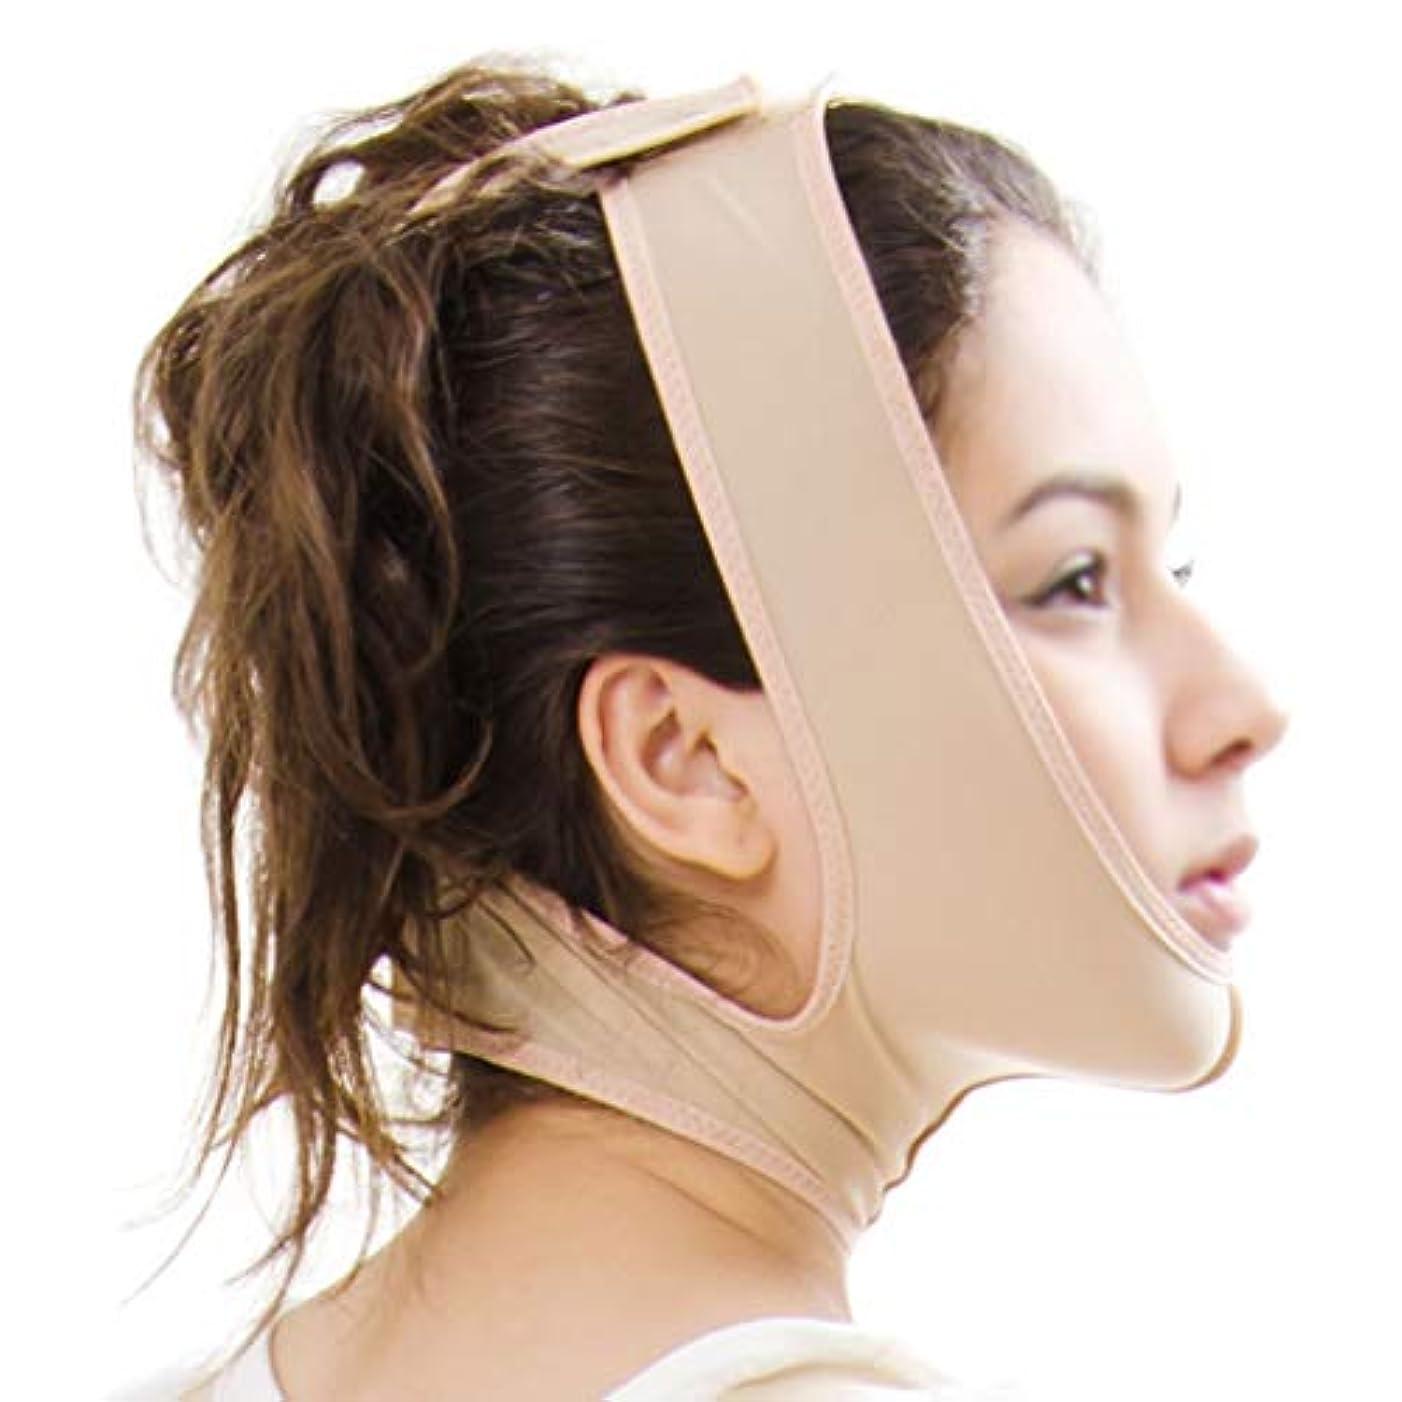 カートン出席する困惑するGLJJQMY 顔面リフティング包帯あごの首と首の二重あごの脂肪吸引術後創傷マスク 顔用整形マスク (Size : S)